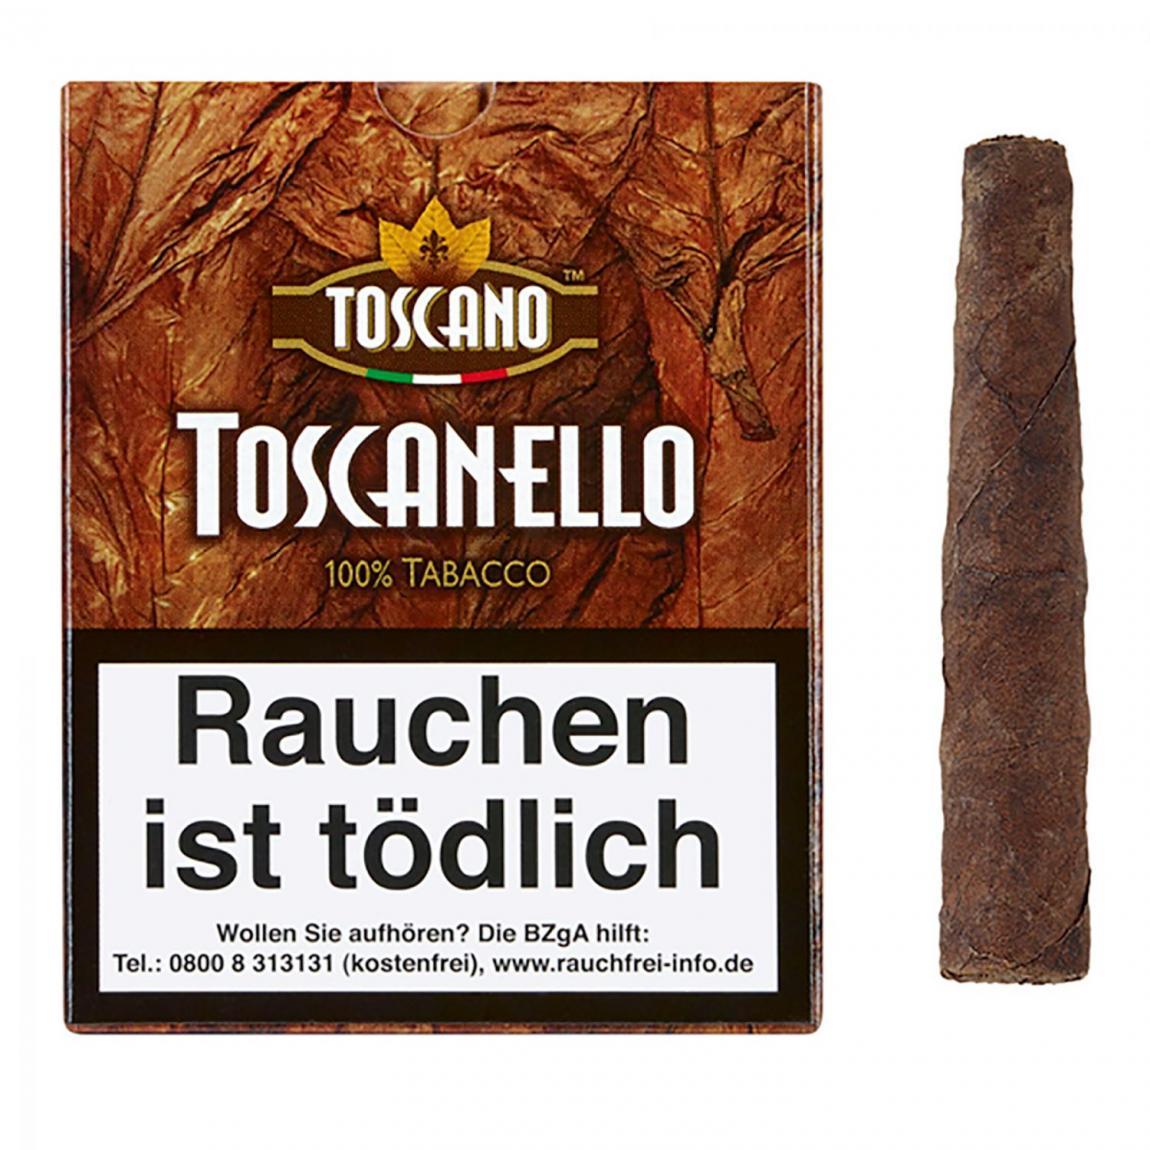 Toscano Toscanello 5er Schachtel